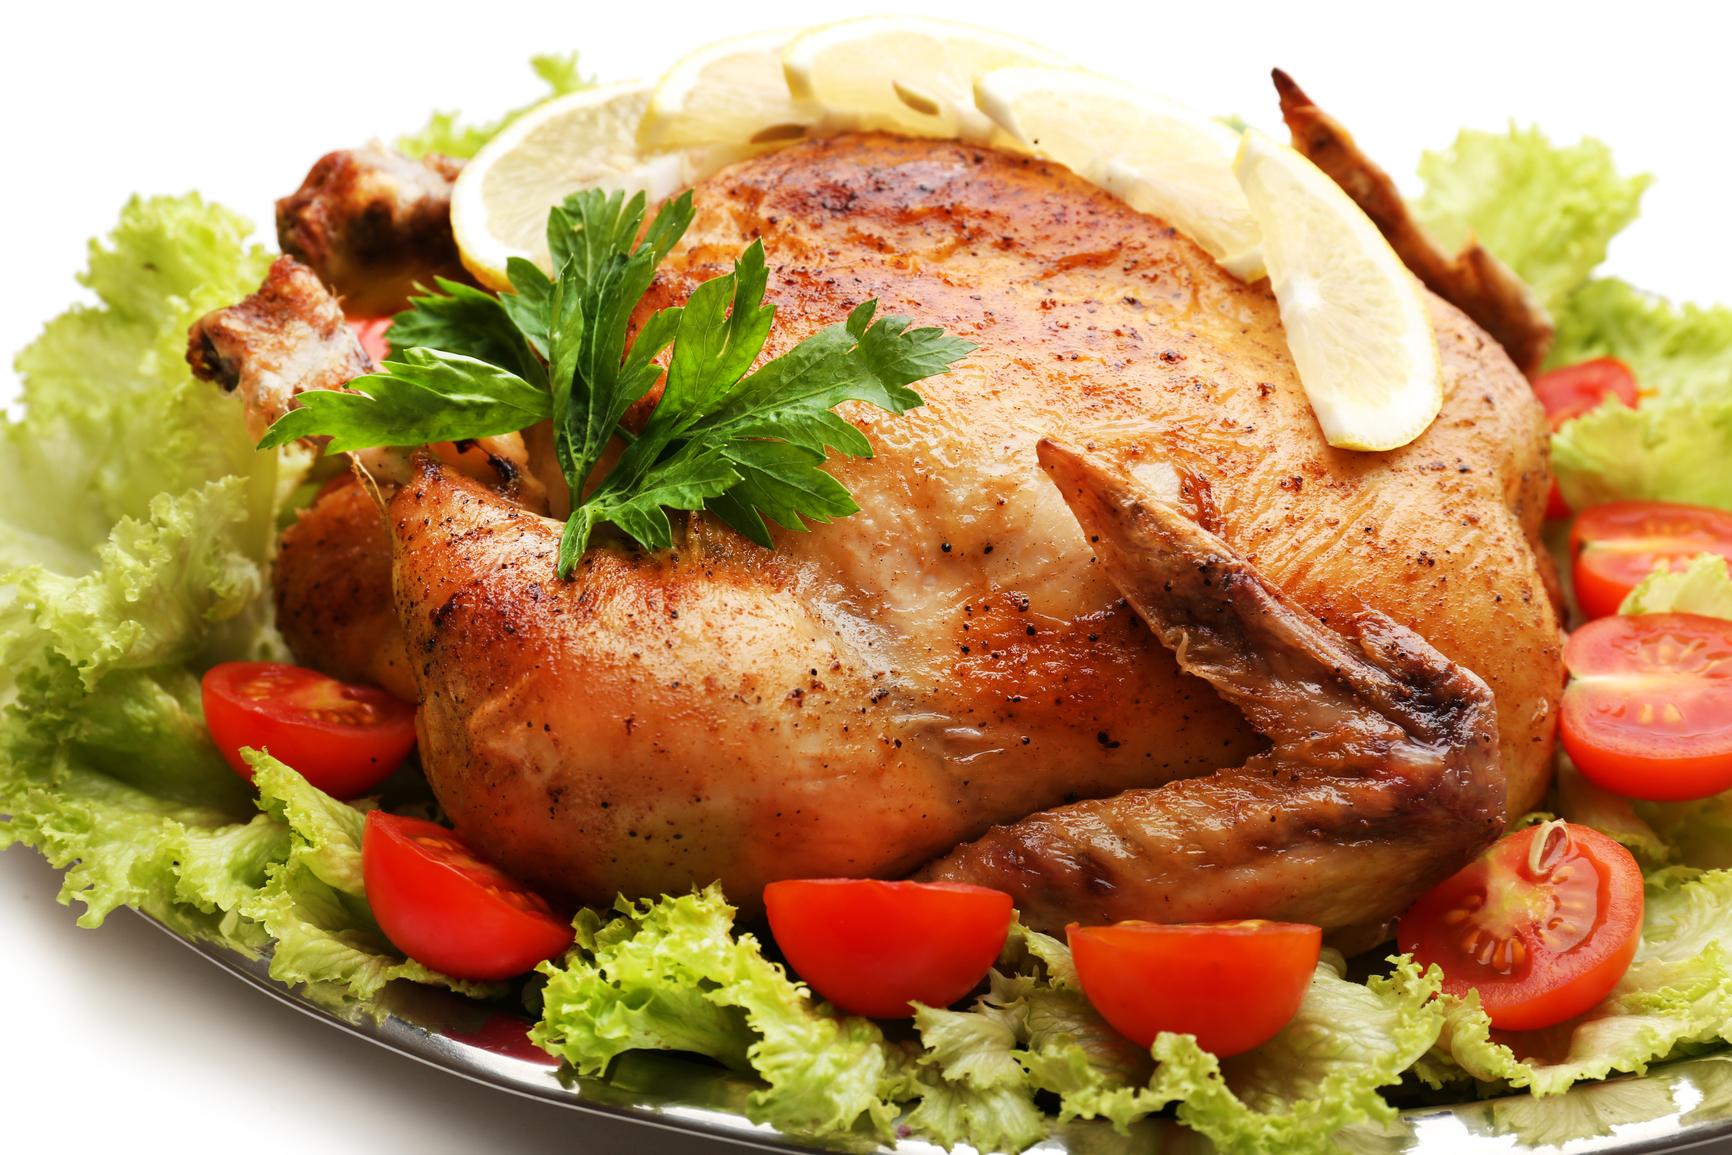 запечь курицу в духовке в рукаве рецепты с фото